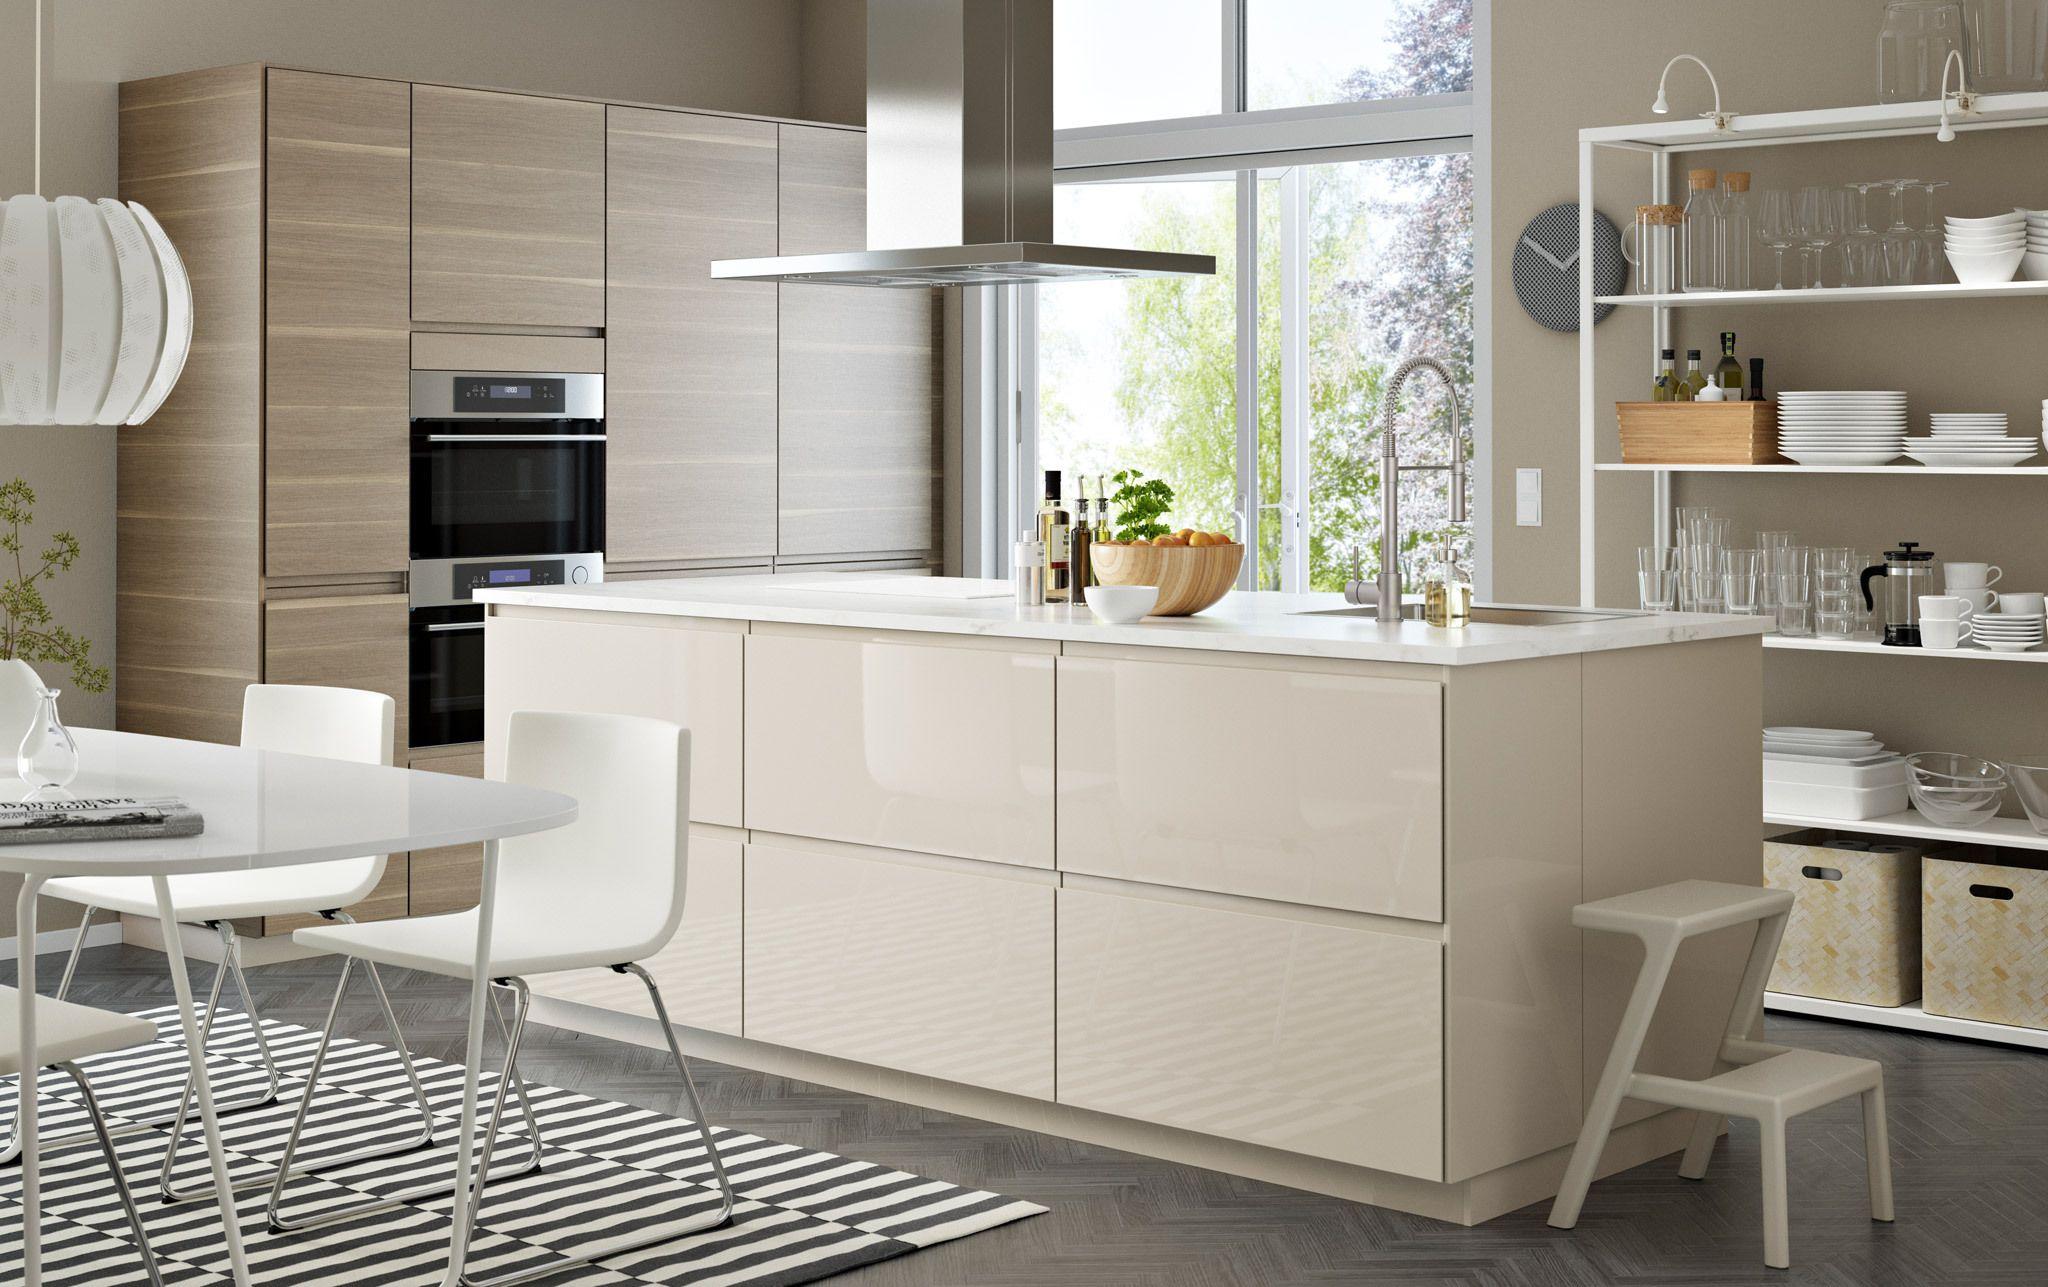 Ikea Küche Neuheiten. Küche Sinnvoll Einräumen Eckschrank Ikea ...